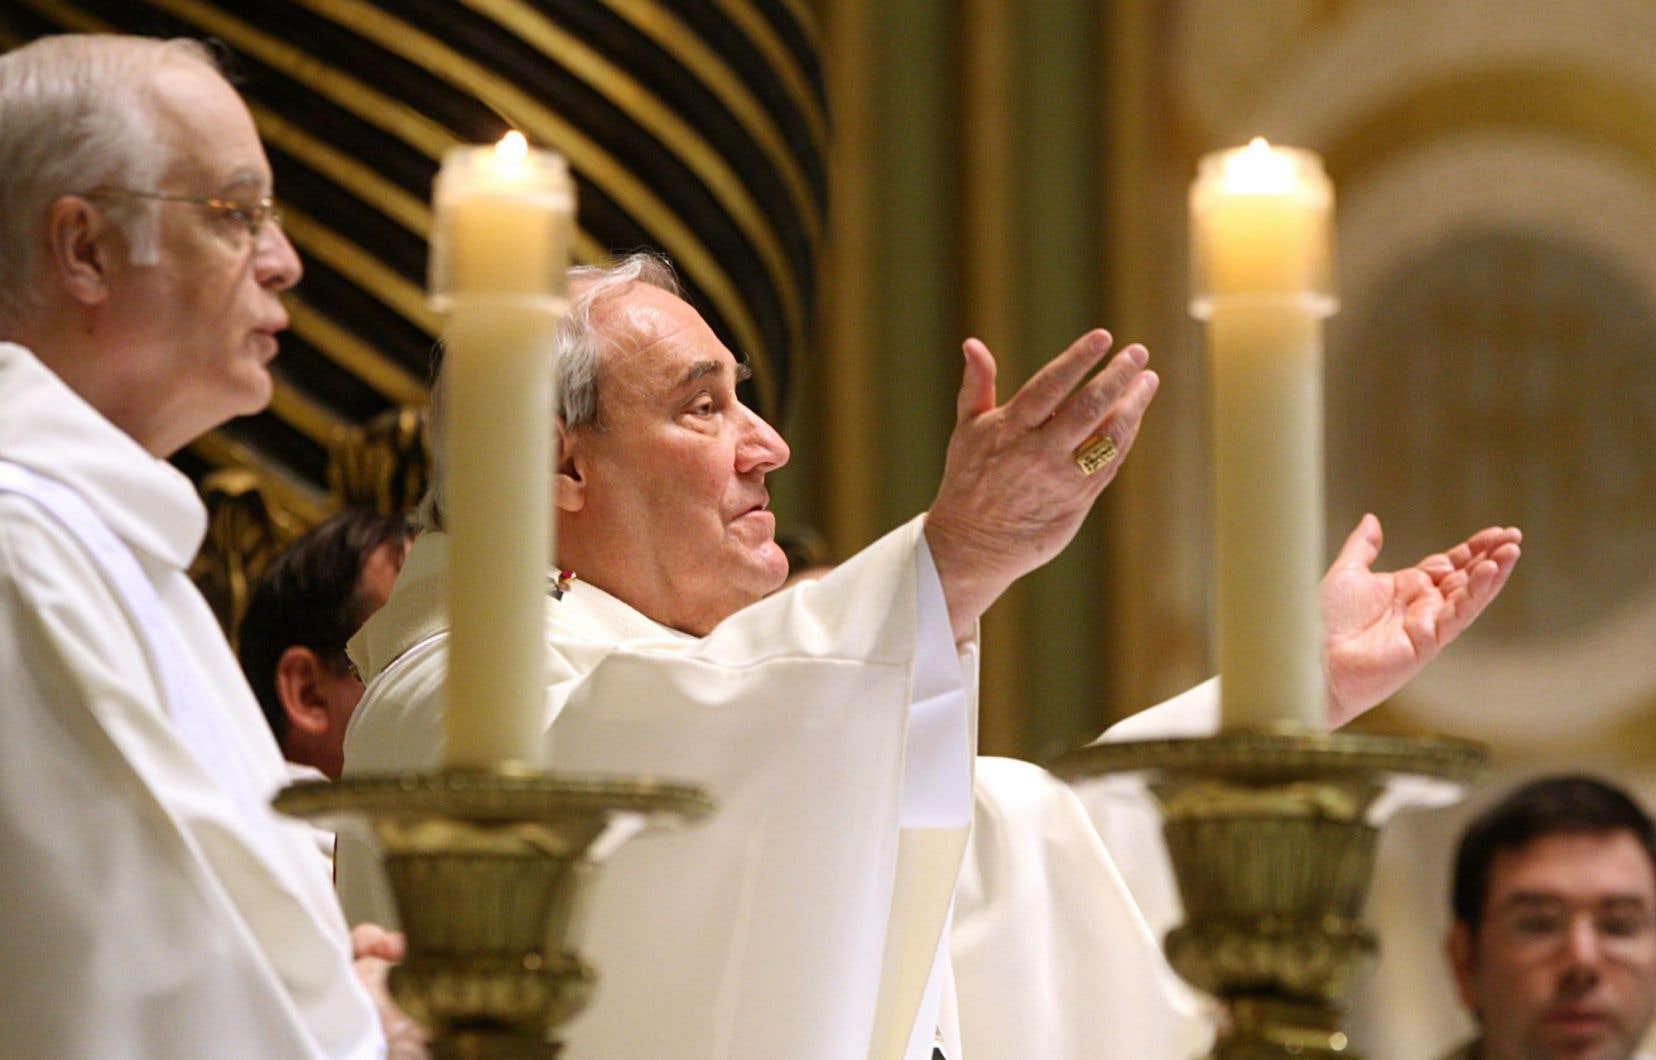 Jean-Claude Turcotte